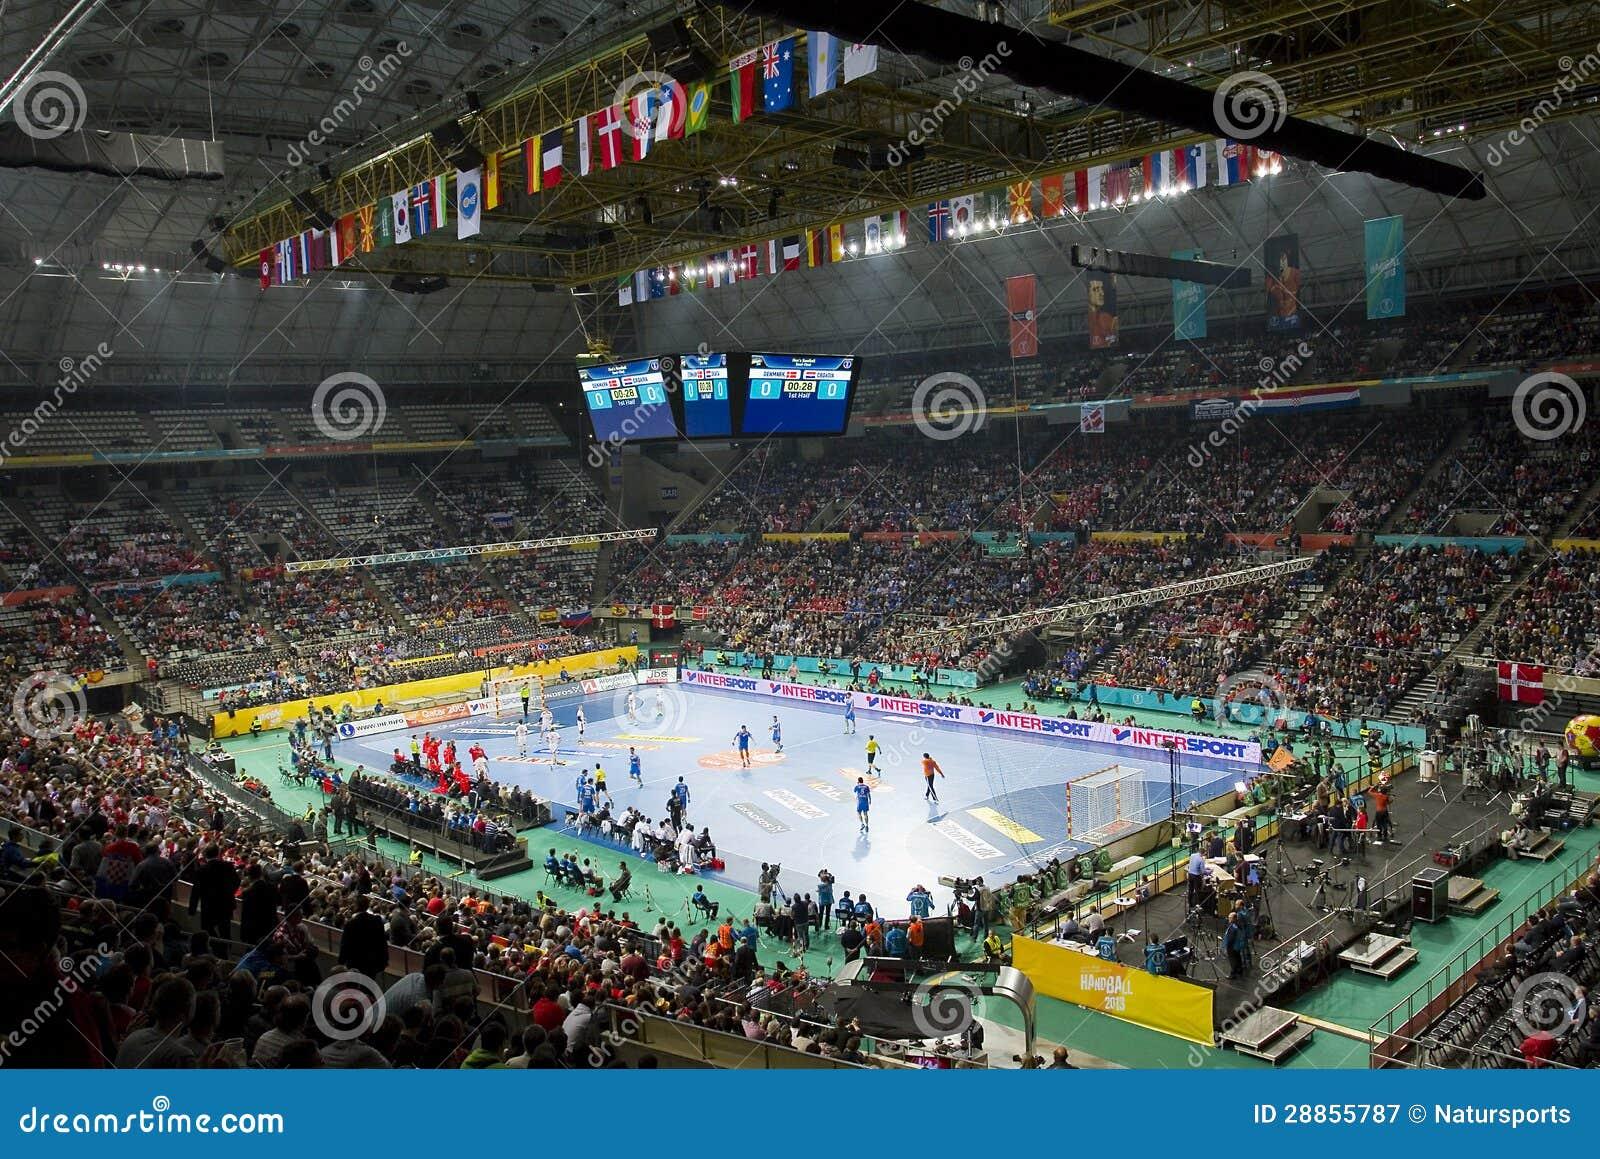 Het kampioenschap van de wereld van het handbal redactionele fotografie afbeelding 28855787 - Tijdschriftenrek huis van de wereld ...